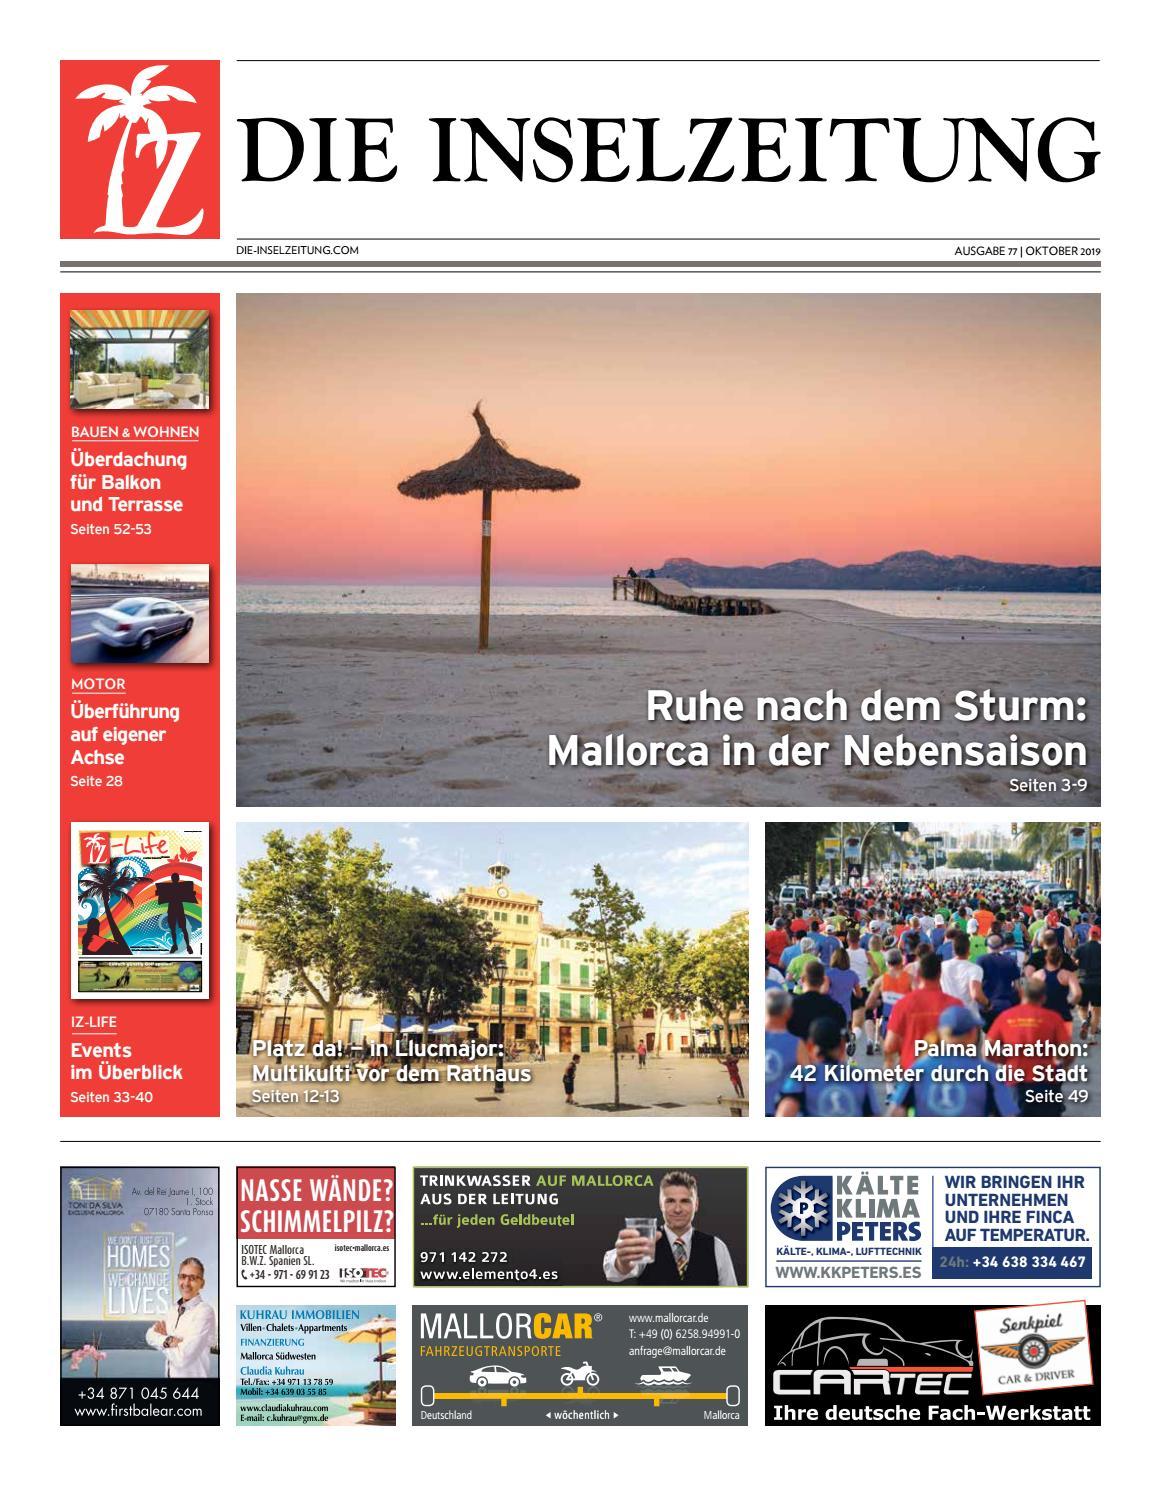 Die Inselzeitung Mallorca Oktober 2019 By Die Inselzeitung